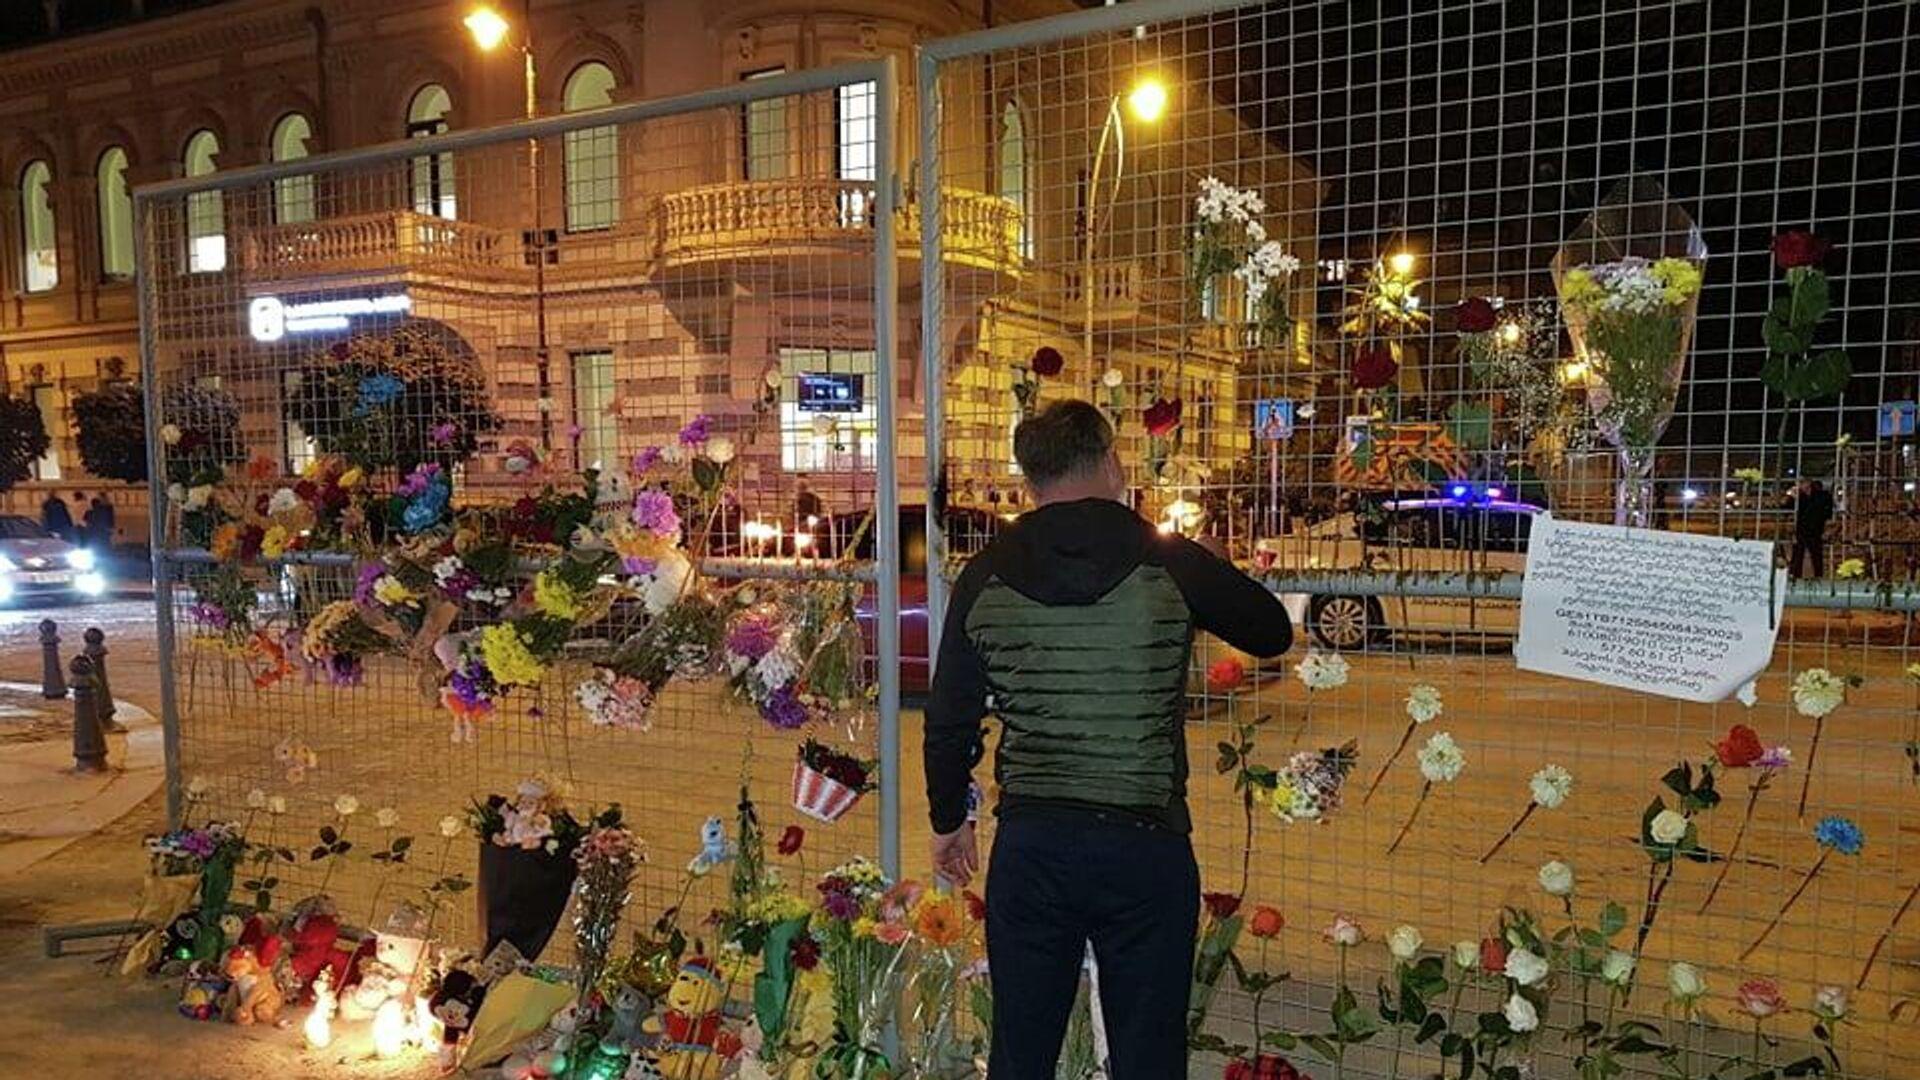 Траурная акция в память о погибших в результате обрушения жилого дома 9 октября 2021 года - Sputnik Грузия, 1920, 10.10.2021